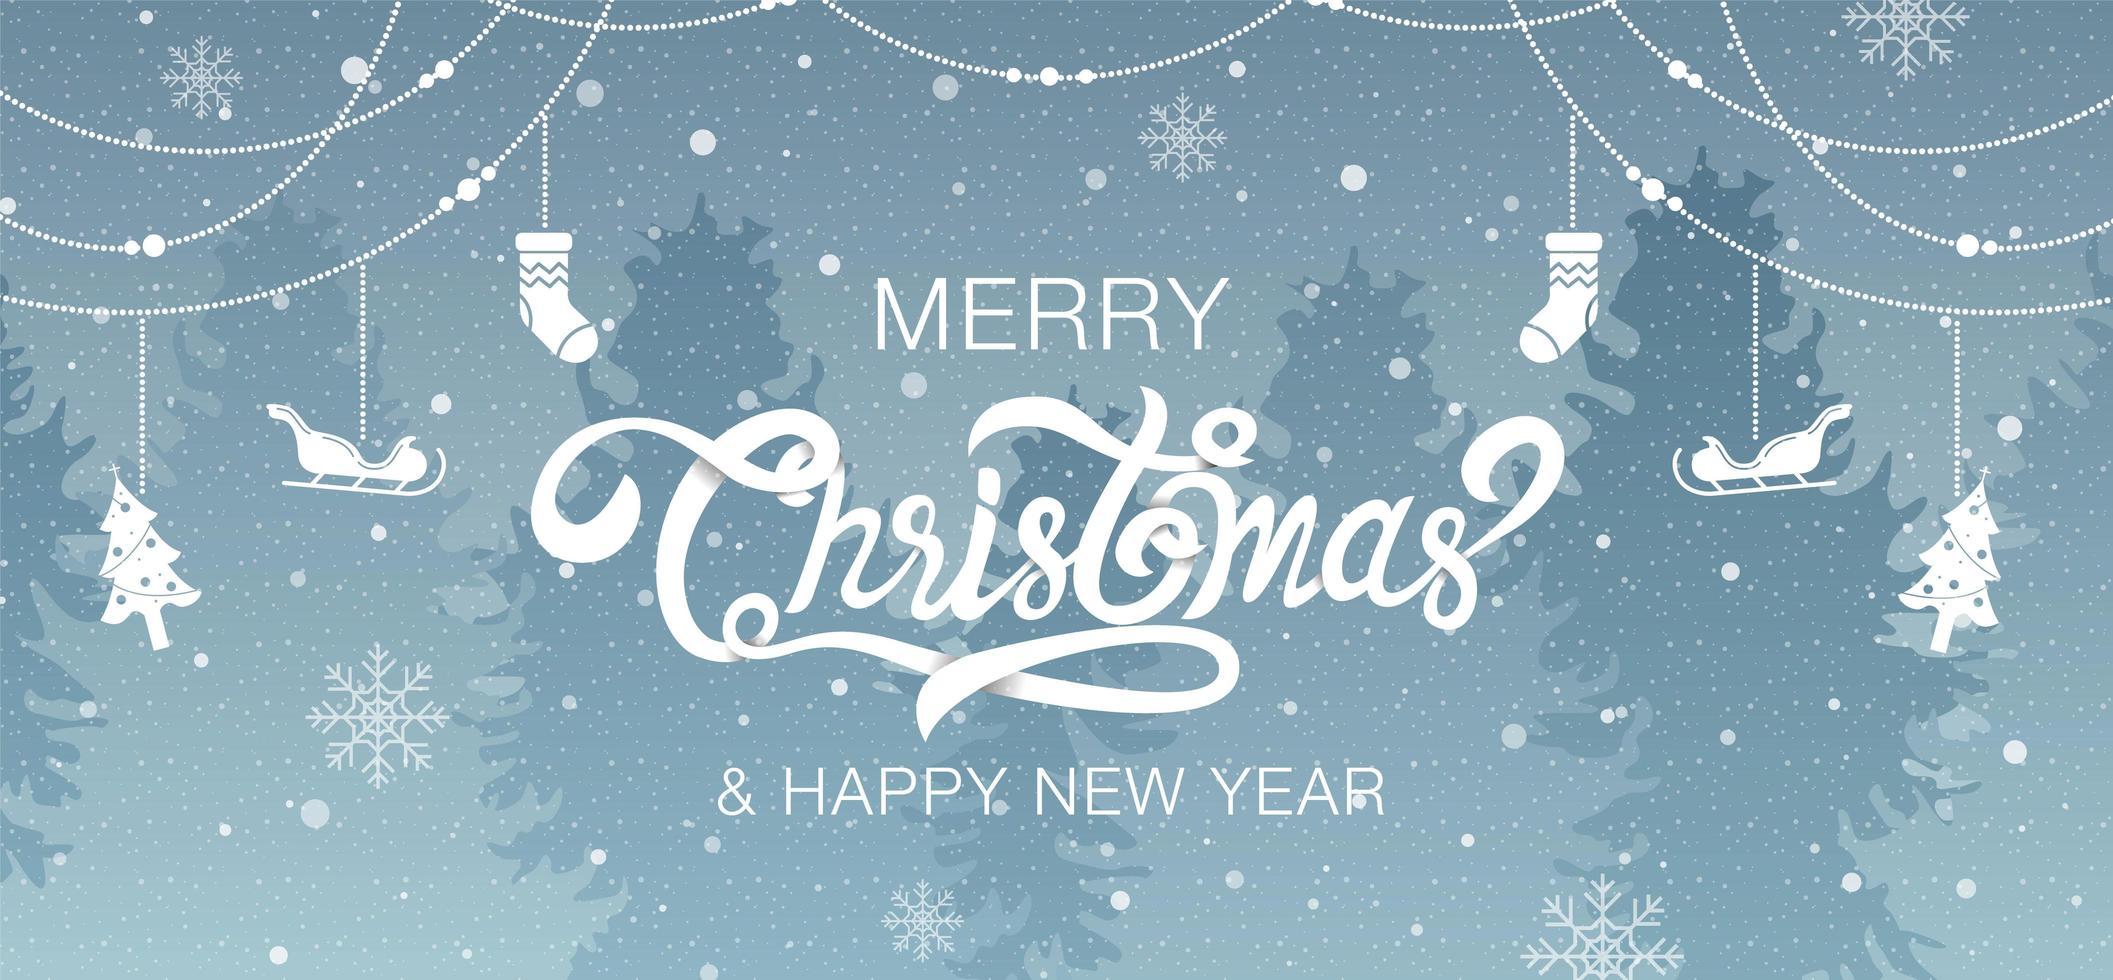 caligrafia e decorações de feliz Natal de cena de floresta vetor